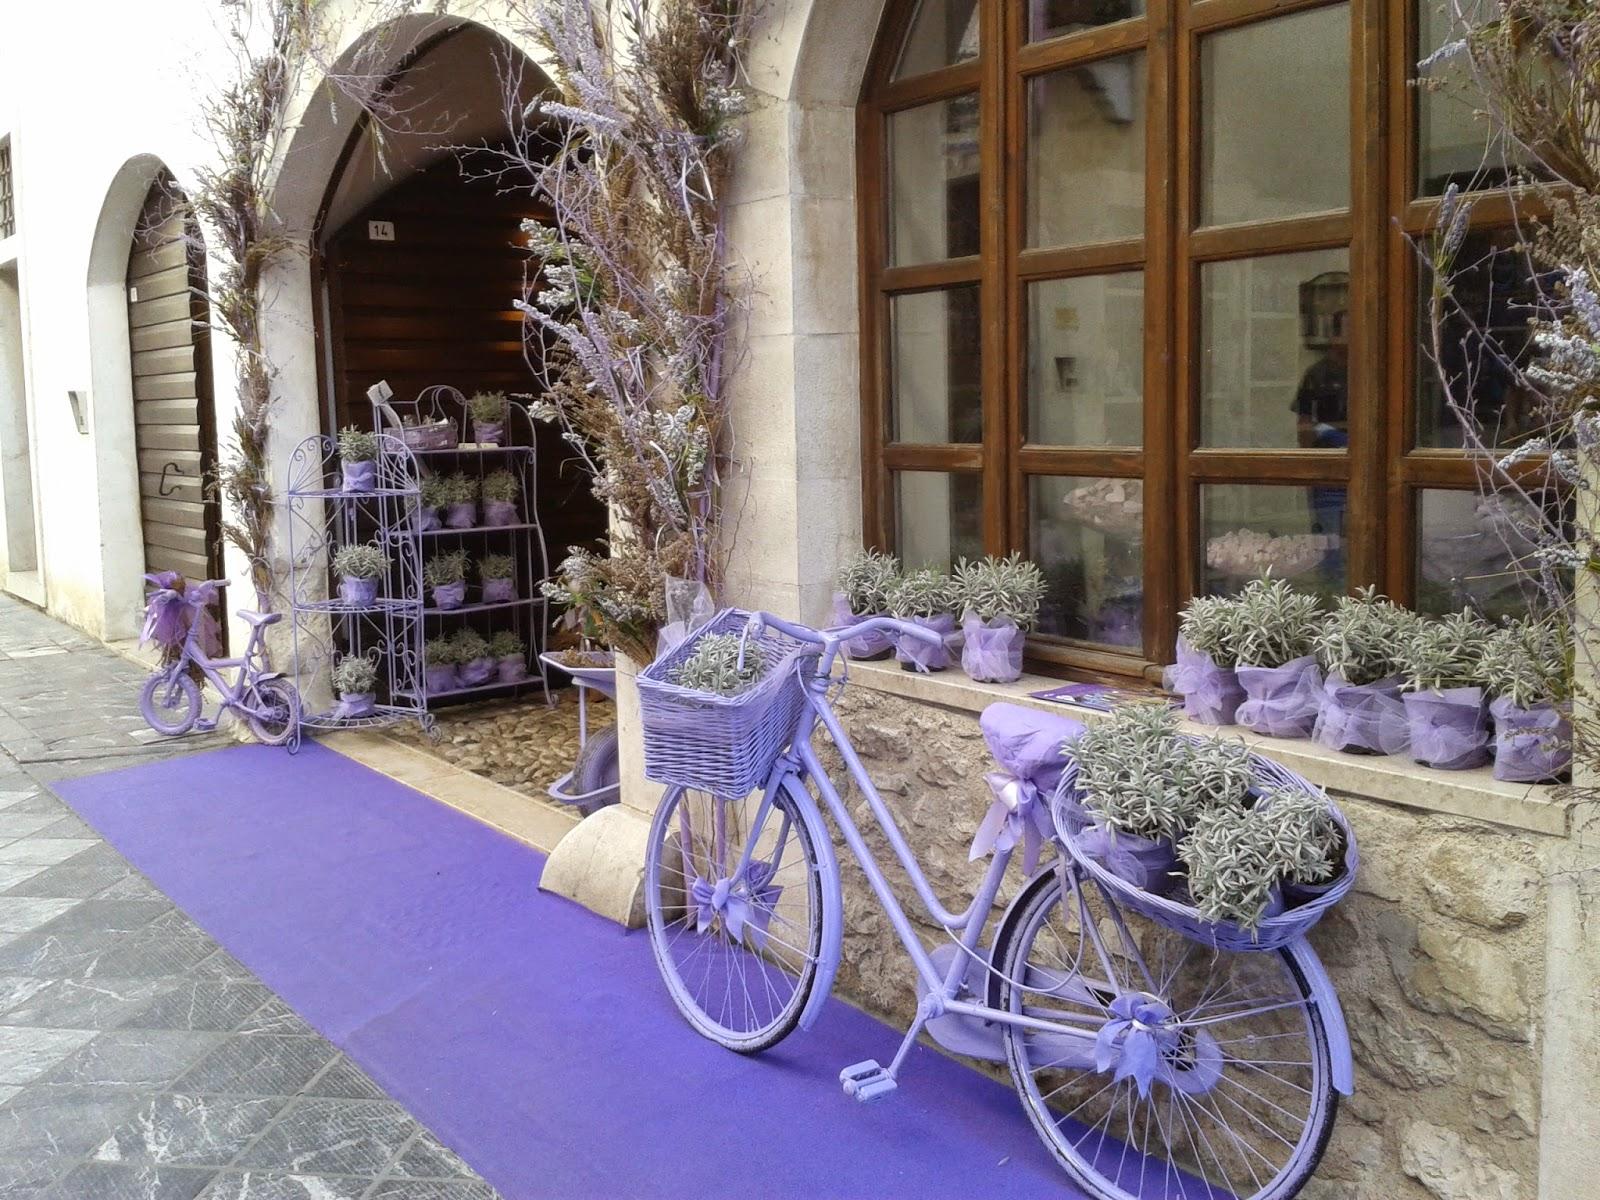 Explore Friuli, discover Friuli Venezia Giulia in northeastern Italy